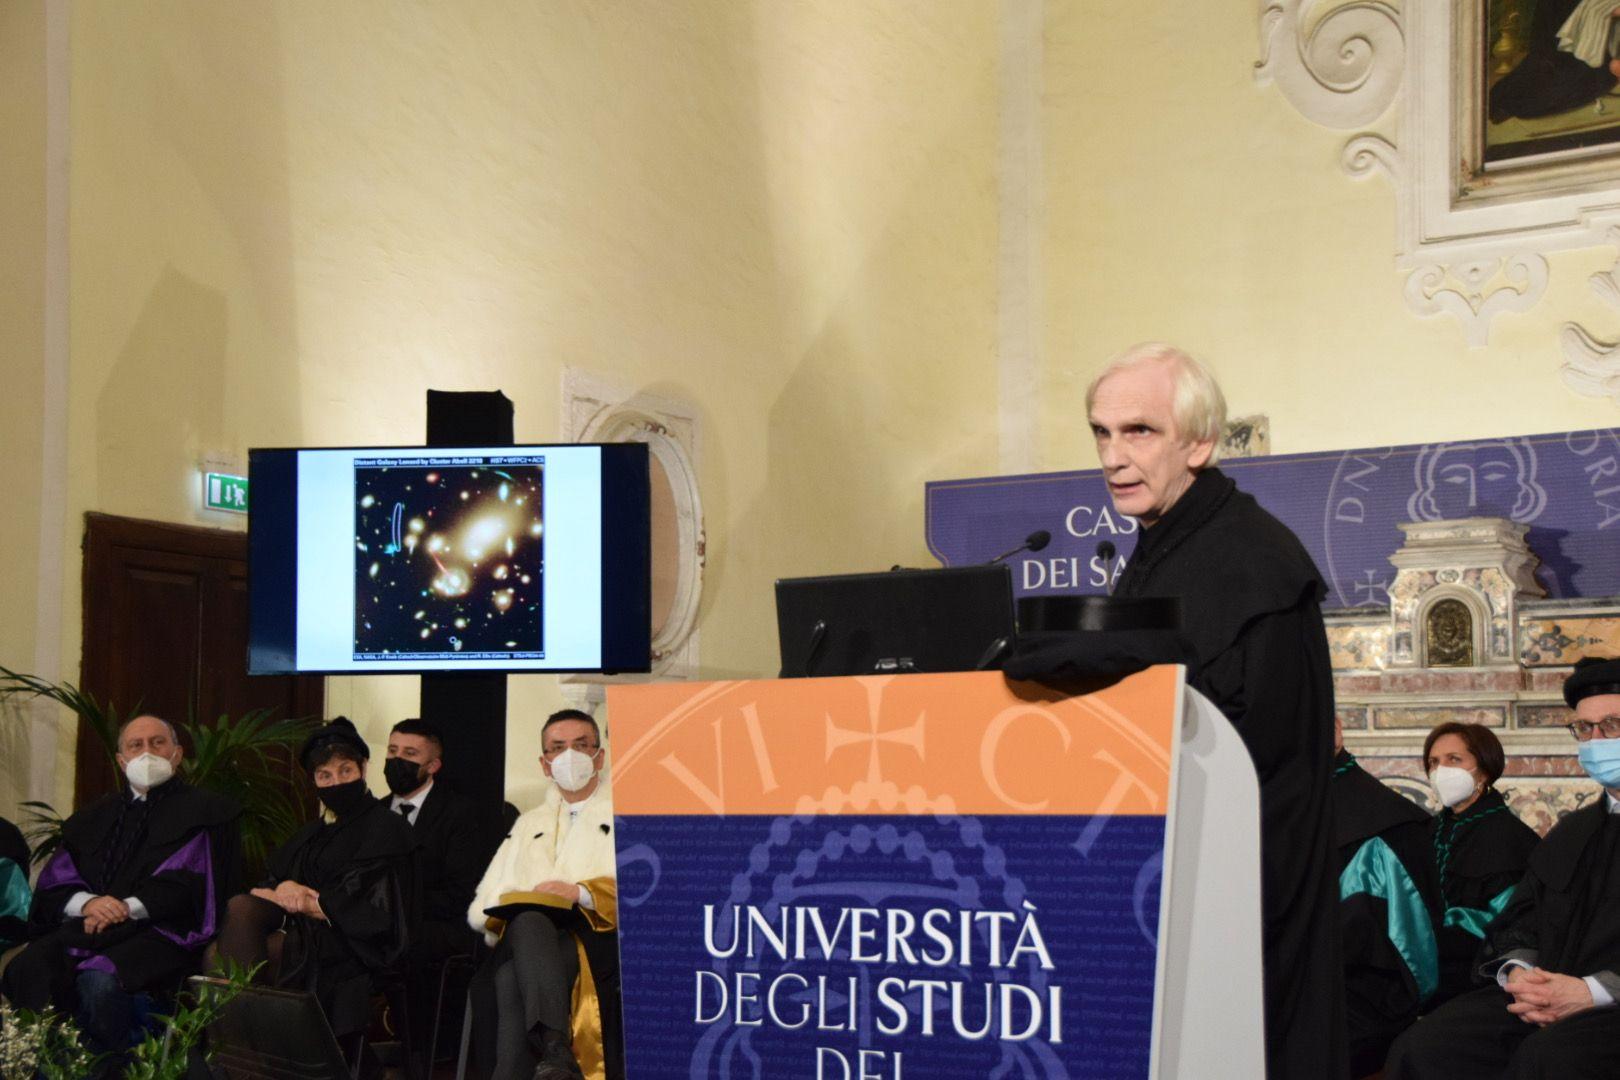 Antonio Feoli